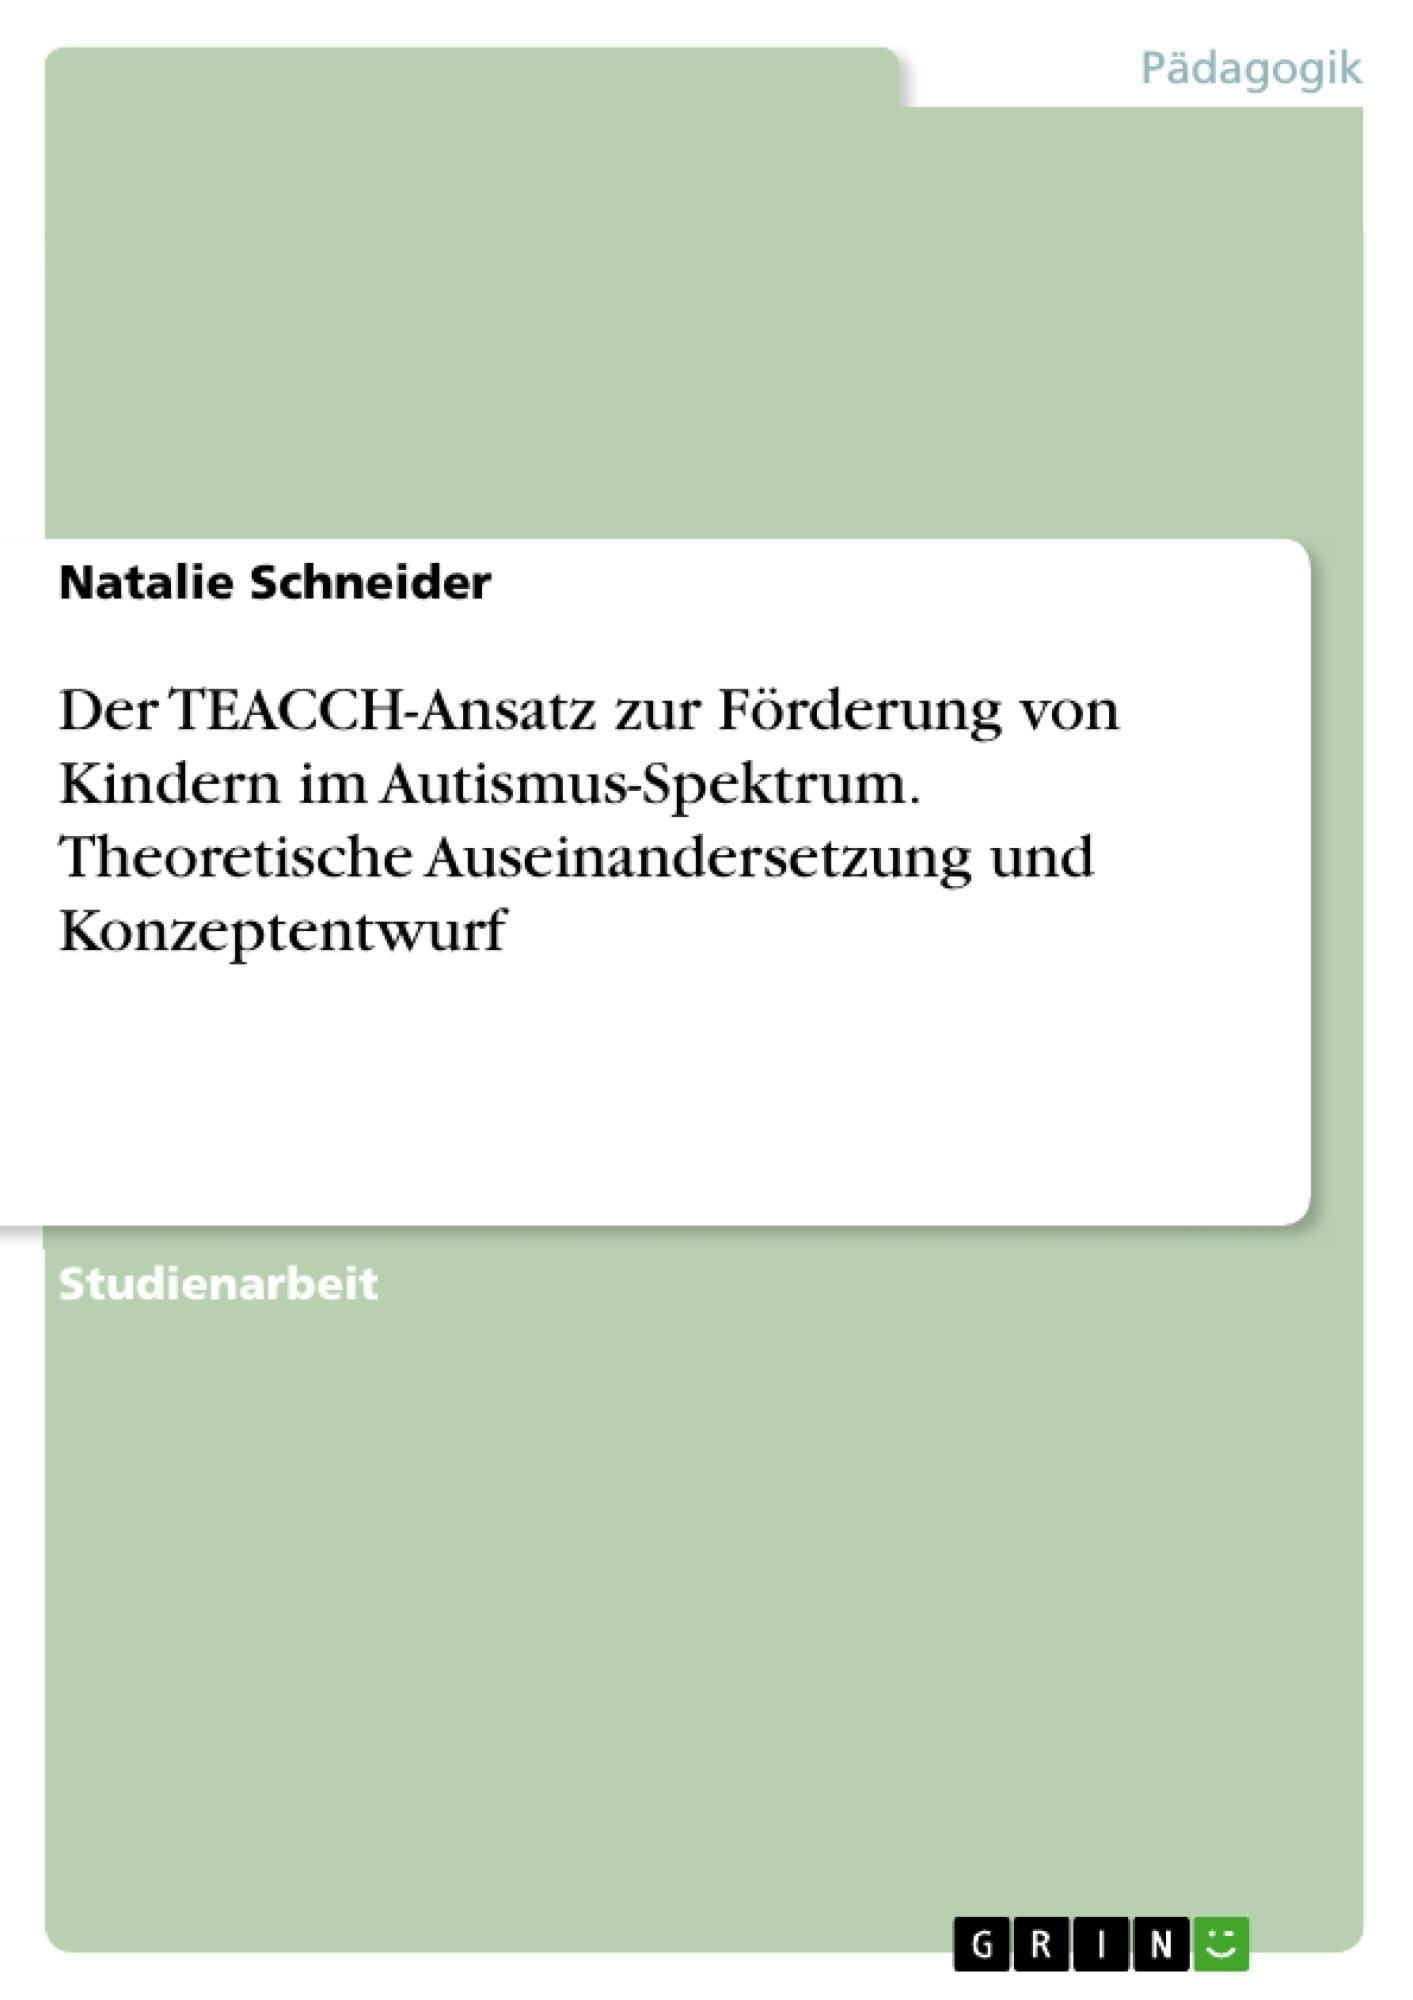 Titel: Der TEACCH-Ansatz zur Förderung von Kindern im Autismus-Spektrum. Theoretische Auseinandersetzung und Konzeptentwurf